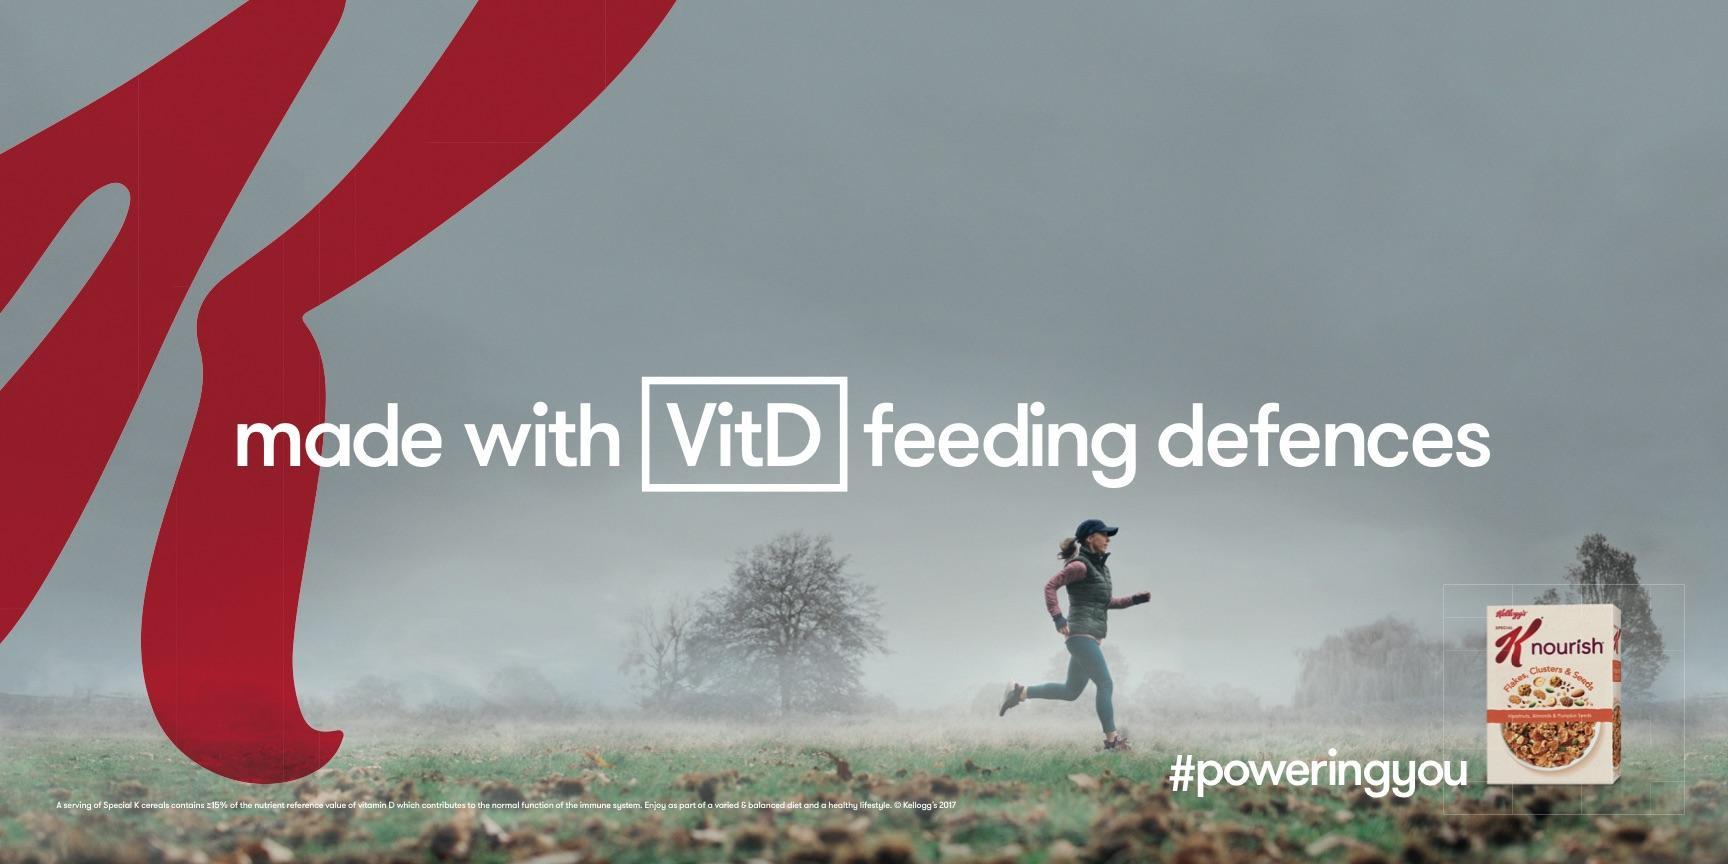 Kellogg's Outdoor Ad - VitD